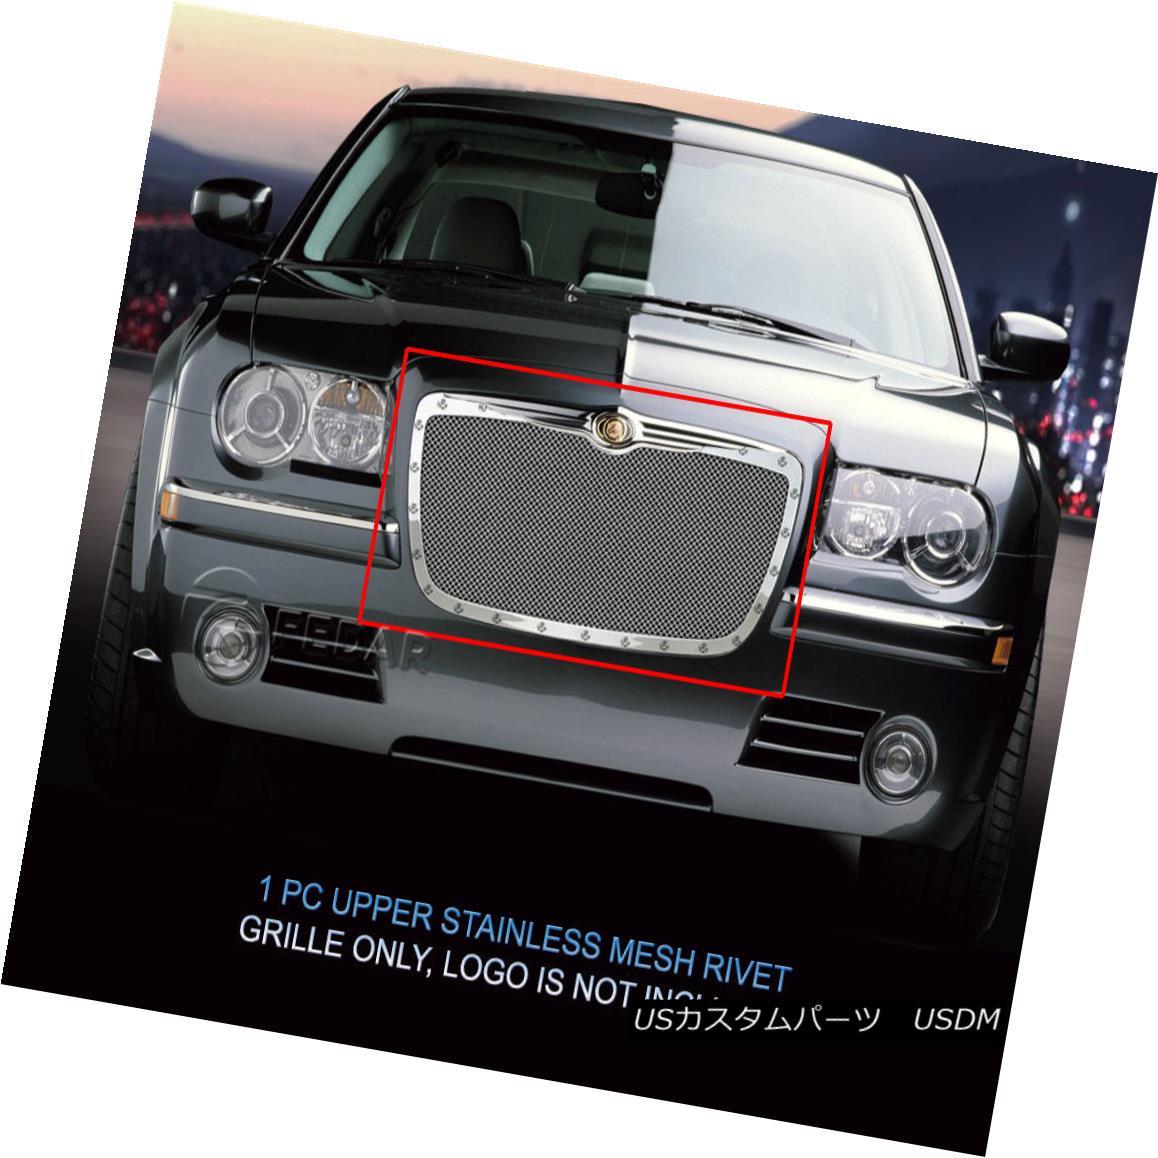 グリル Fedar Fits 05-10 Chrysler 300/300C Rivet Mesh Grille Insert Fedar Fits 05-10クライスラー300 / 300Cリベットメッシュグリルインサート